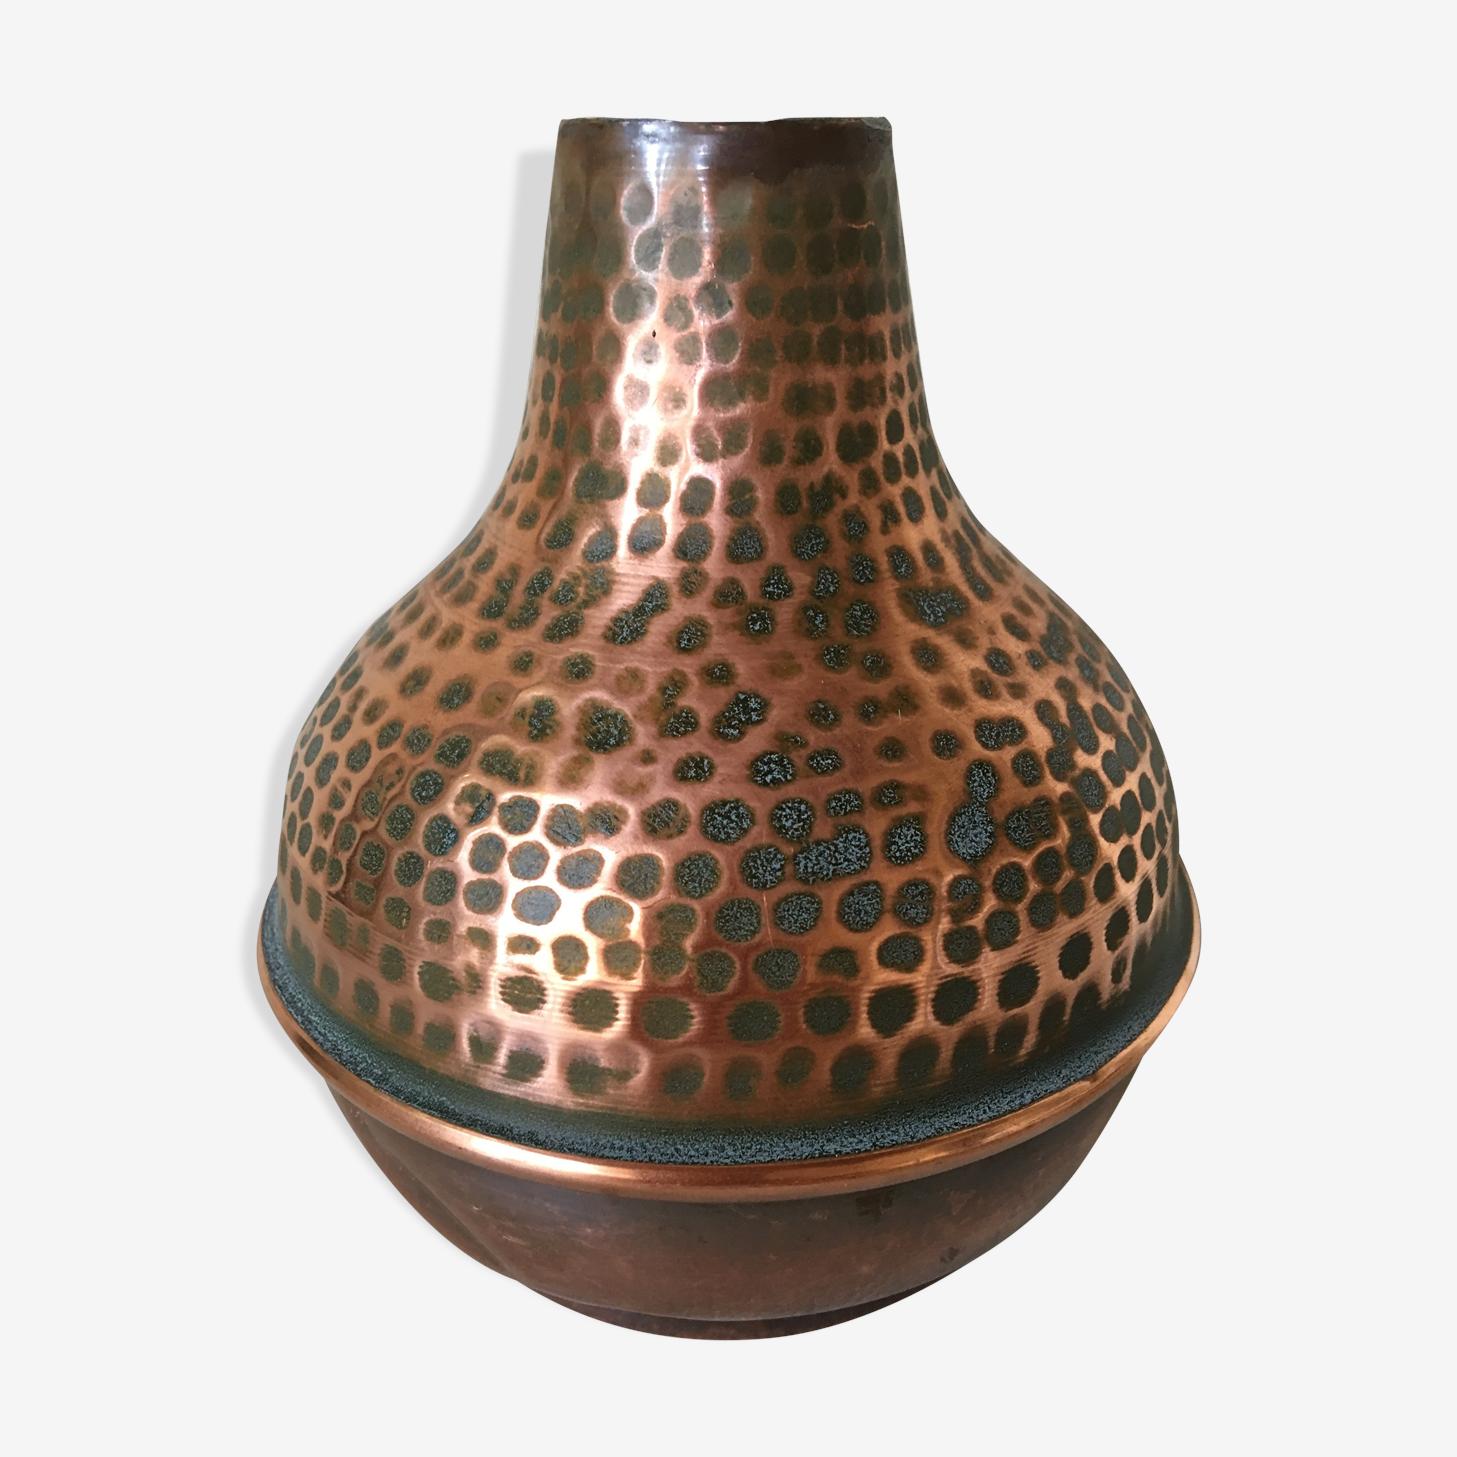 Vasse en cuivre